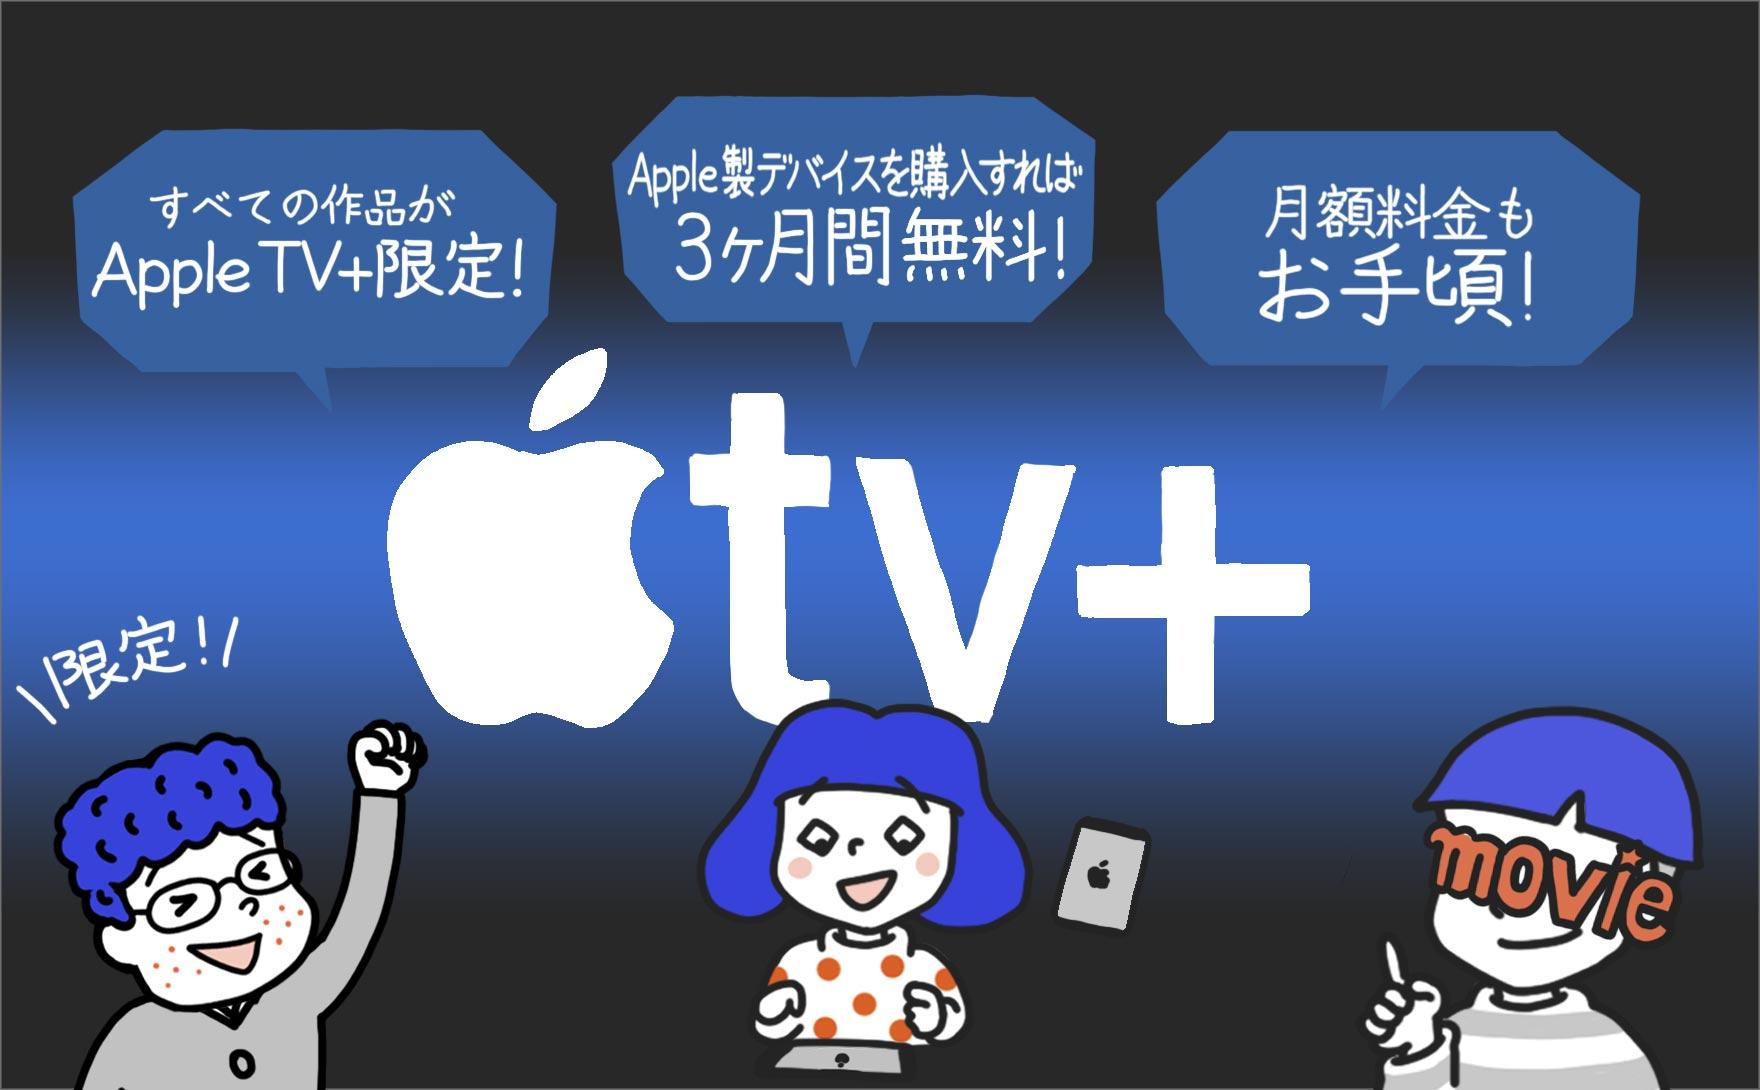 Apple TV+(Apple TVプラス)はどんなサービス? おすすめ作品や登録・解約方法を紹介!